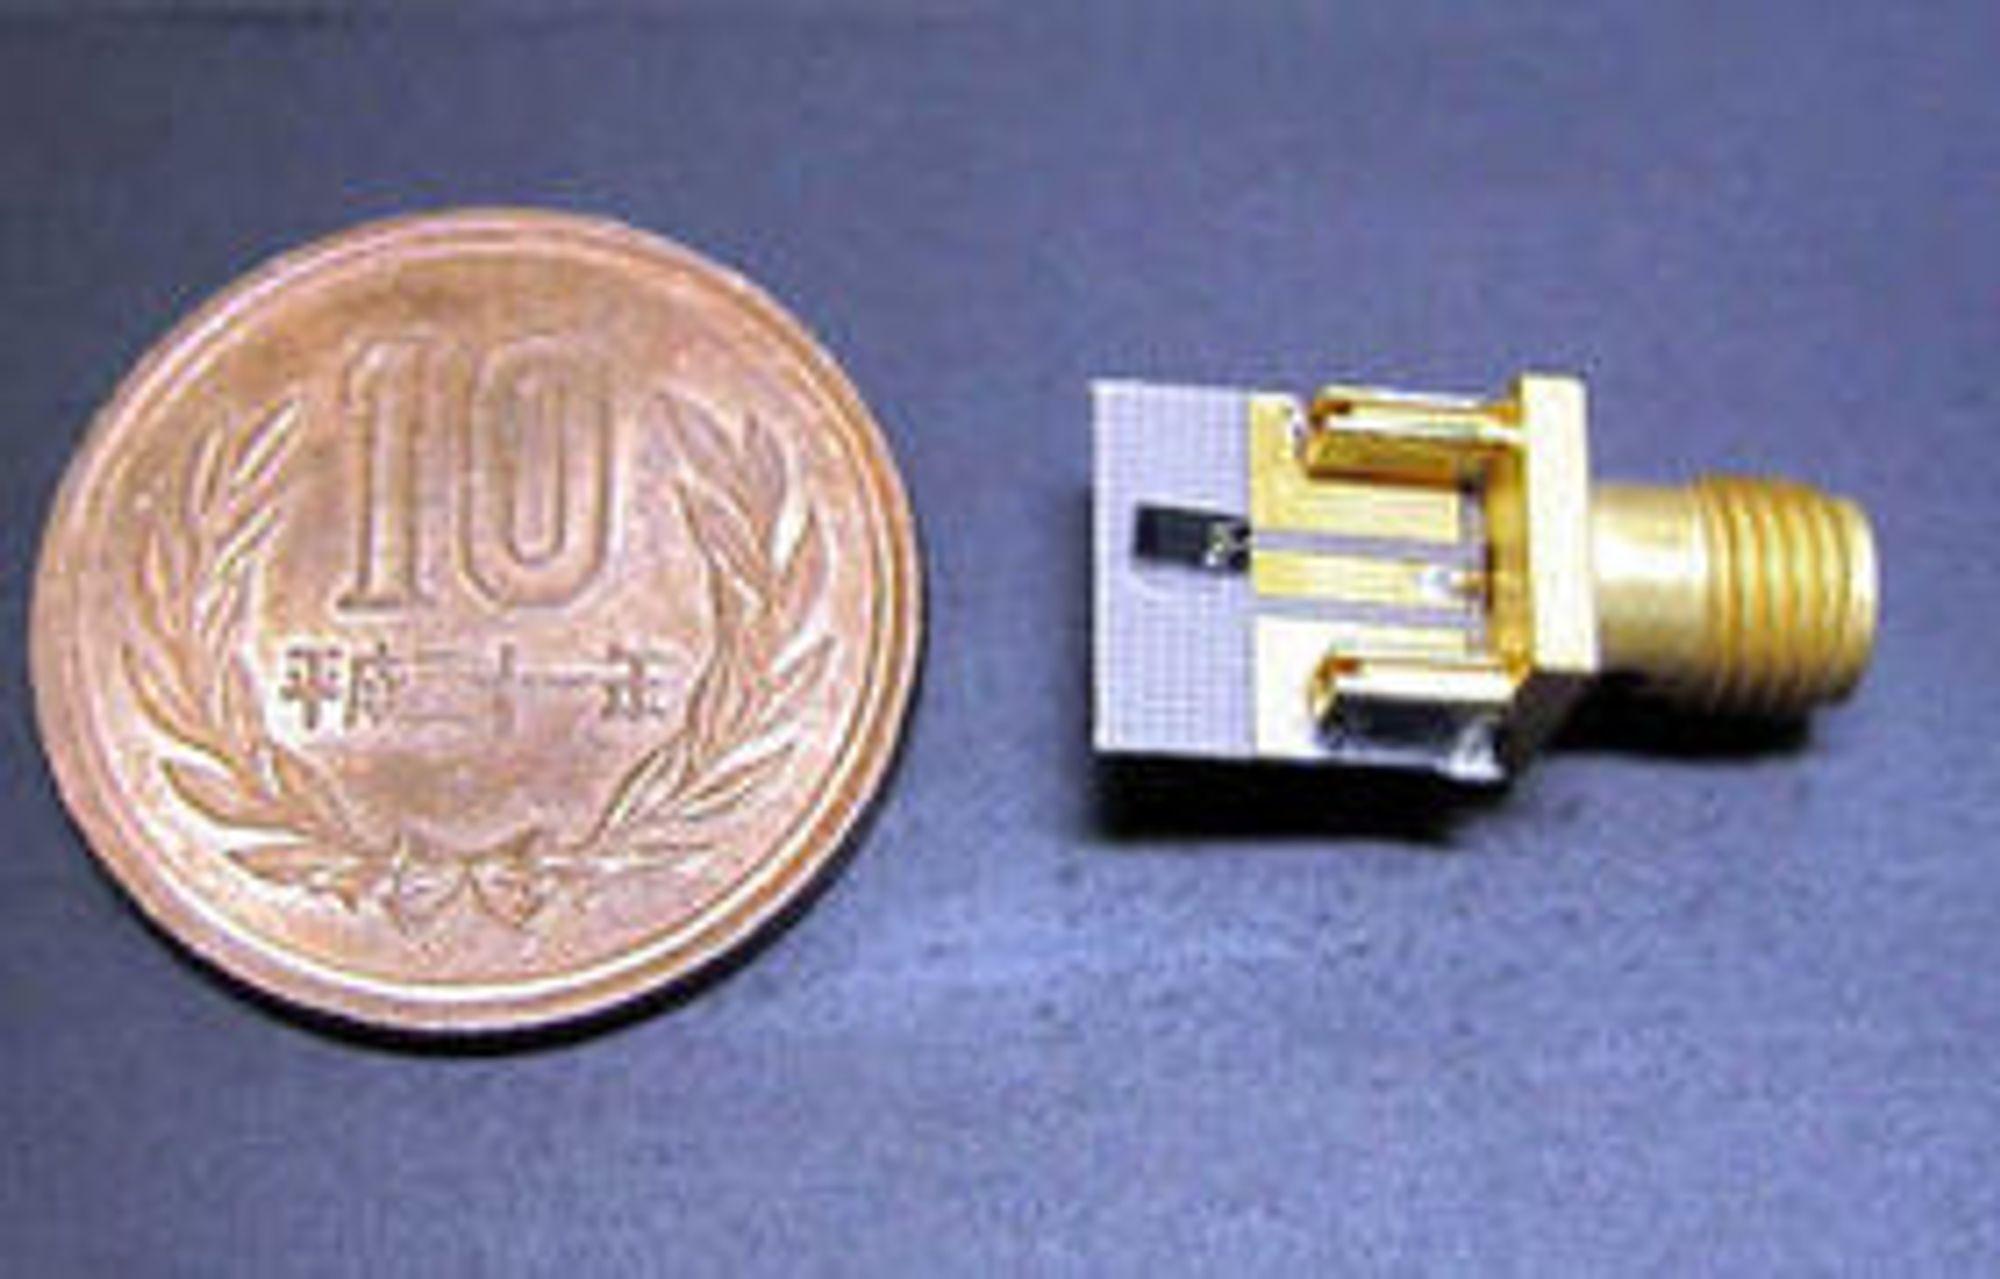 Dioden omtalt i artikkelen er en videreutvikling av den noe større (1,5 x 3,0 mm) dioden på bildet, som i fjor høst ble demonstrert av ROHM og Osaka University. Med denne dioden greide man å oppnå trådløse dataoverføring med en hastighet på 1,5 gigabit per sekund.